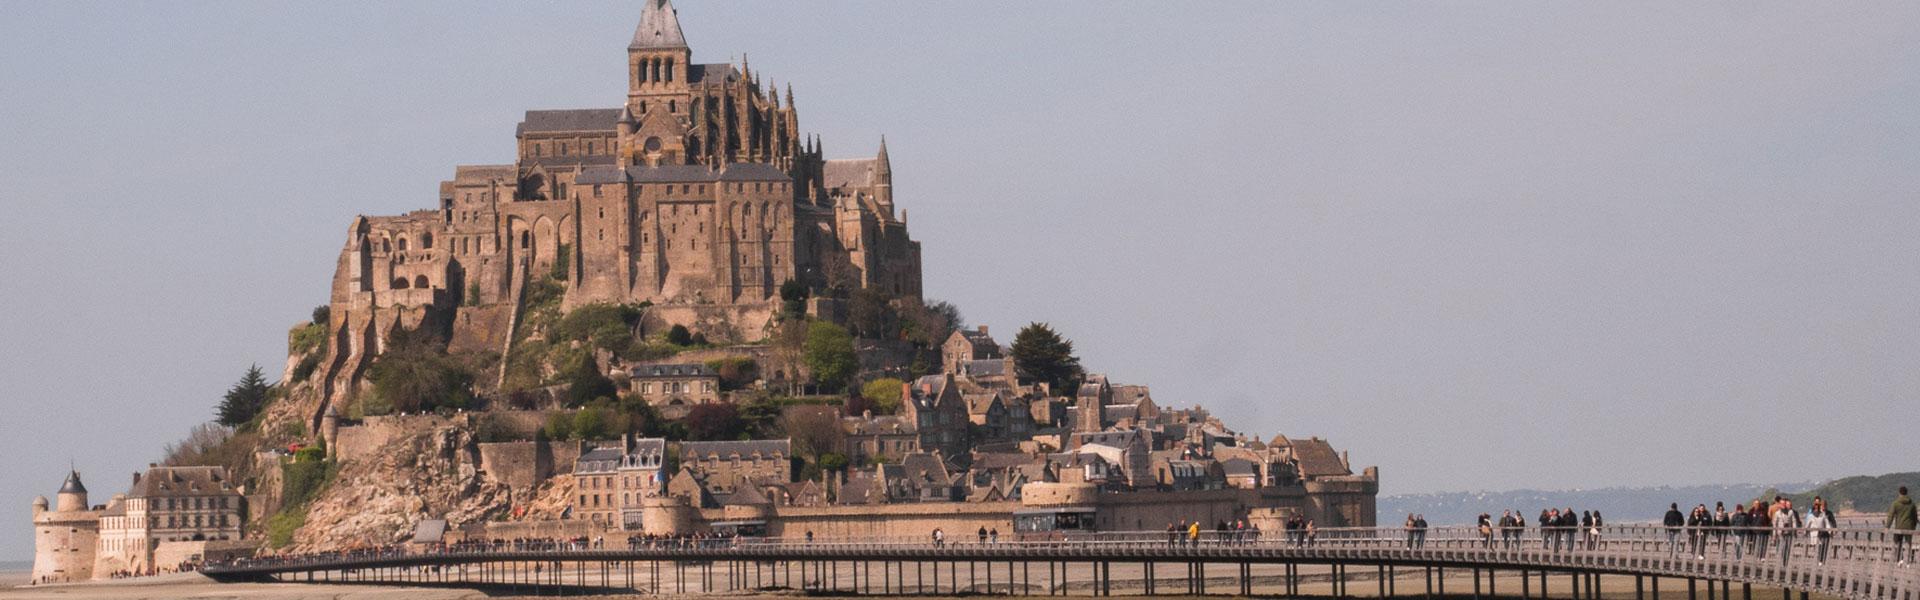 guia-para-mont-saint-michel